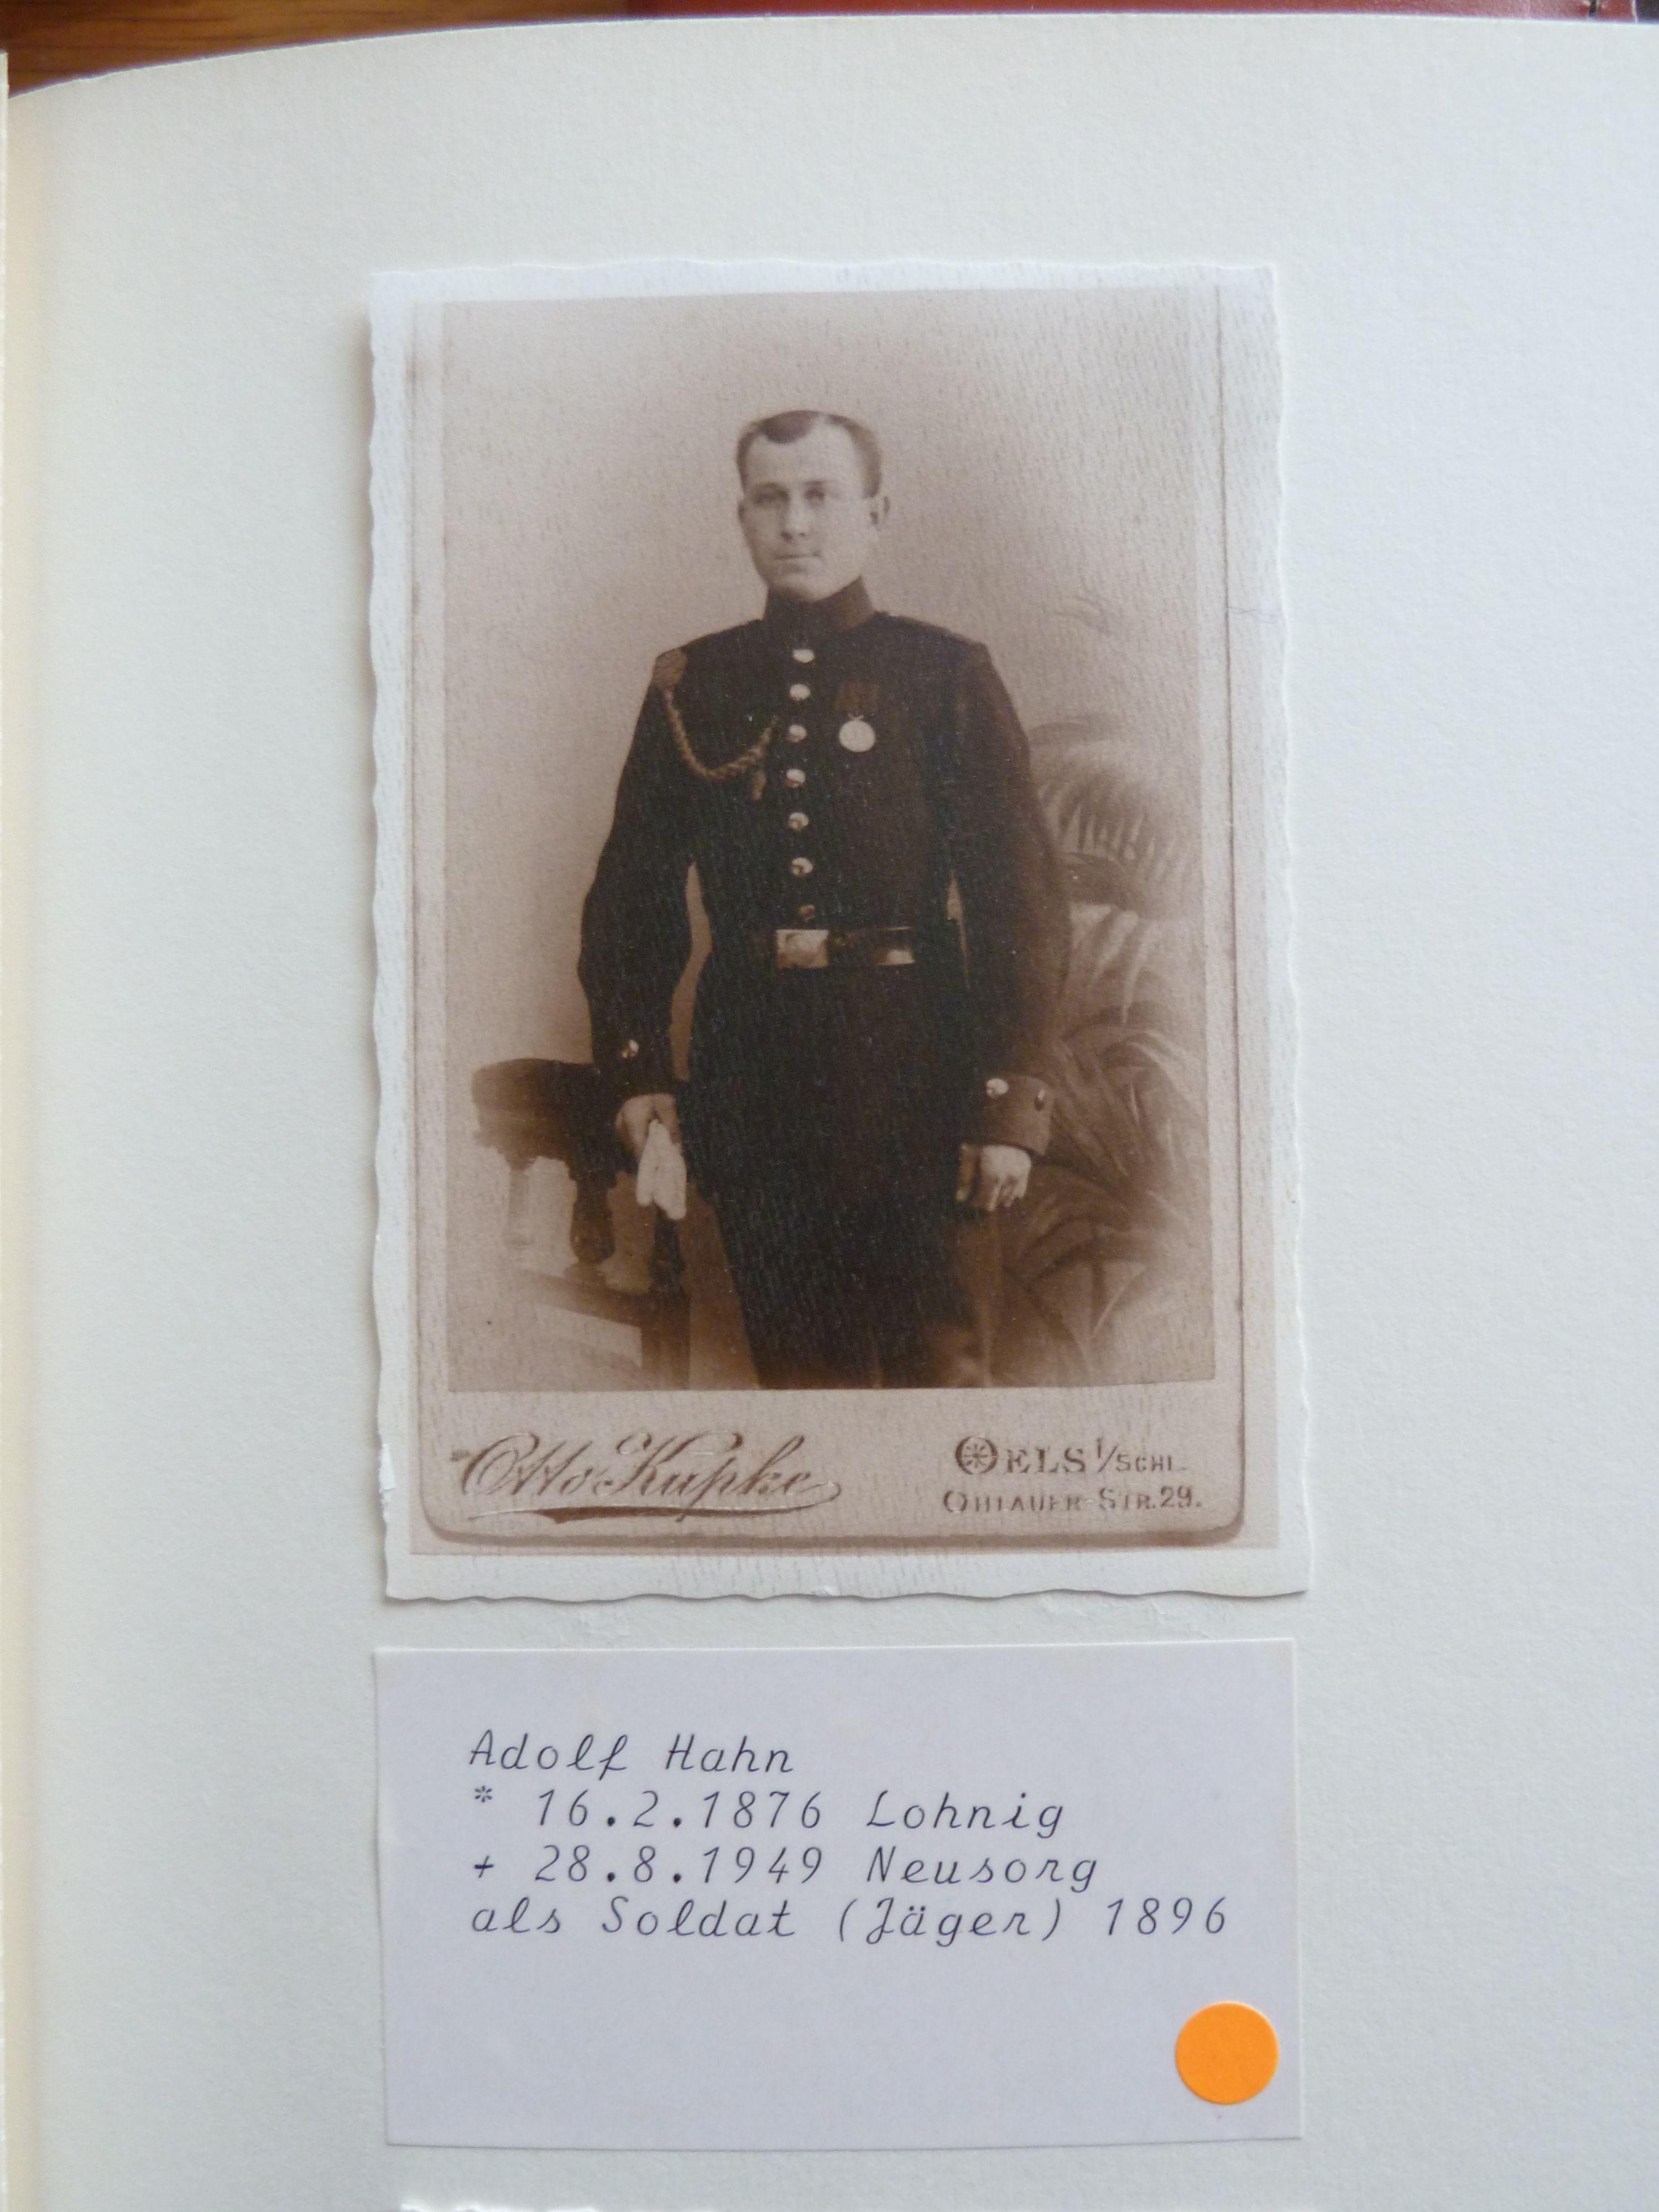 Adolf-1896.jpg